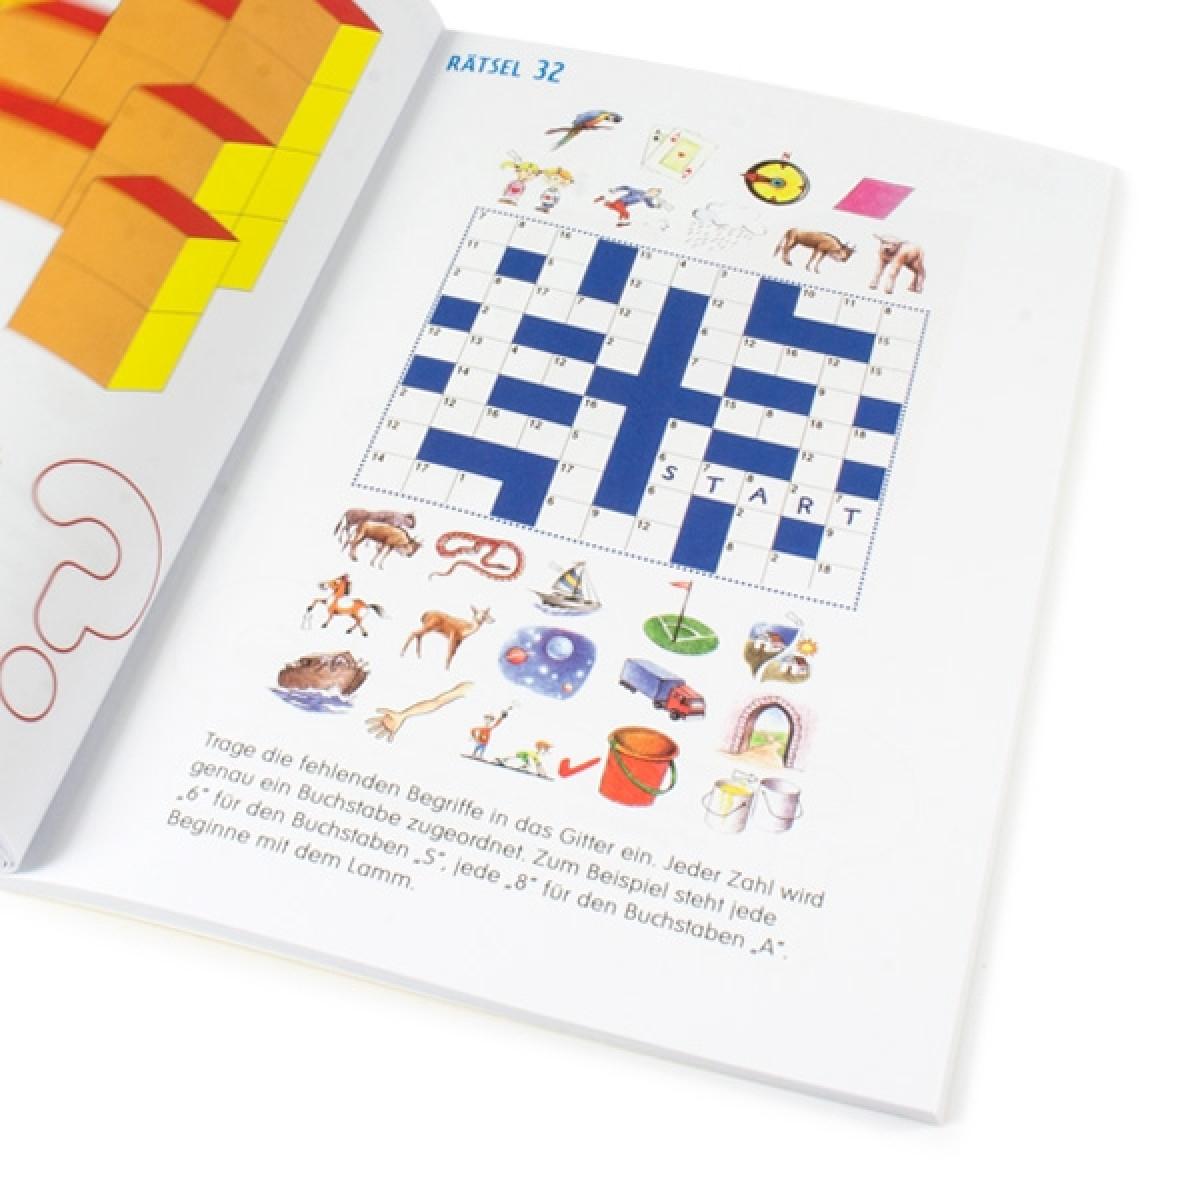 Logische Denkrätsel Für Kinder, 64 Rätsel Mit Lösungen, 1 Rätselheft verwandt mit Denk Rätsel